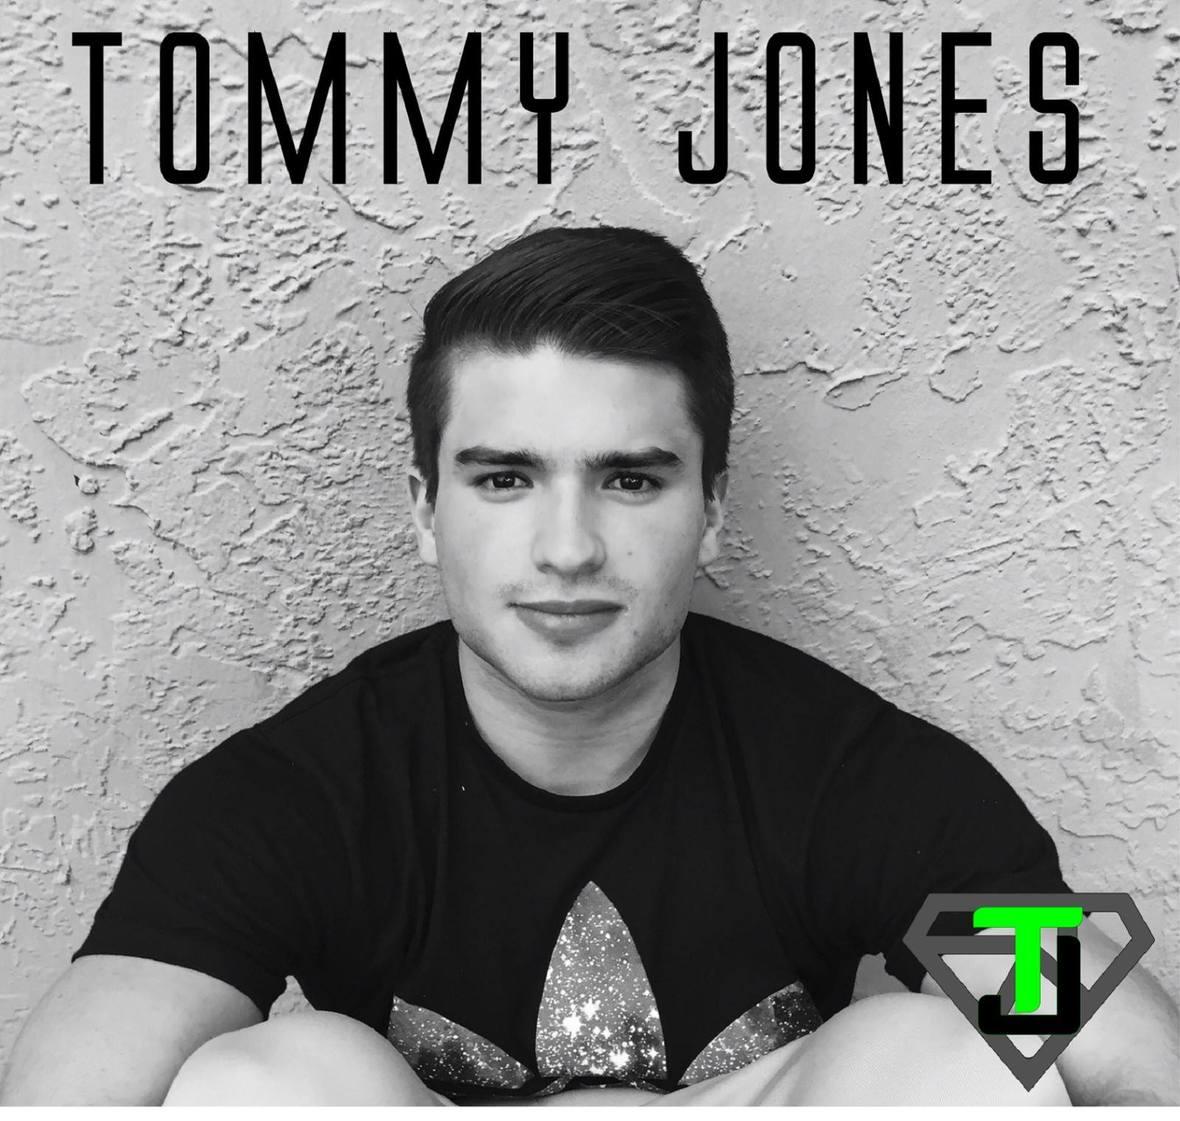 TommyJones